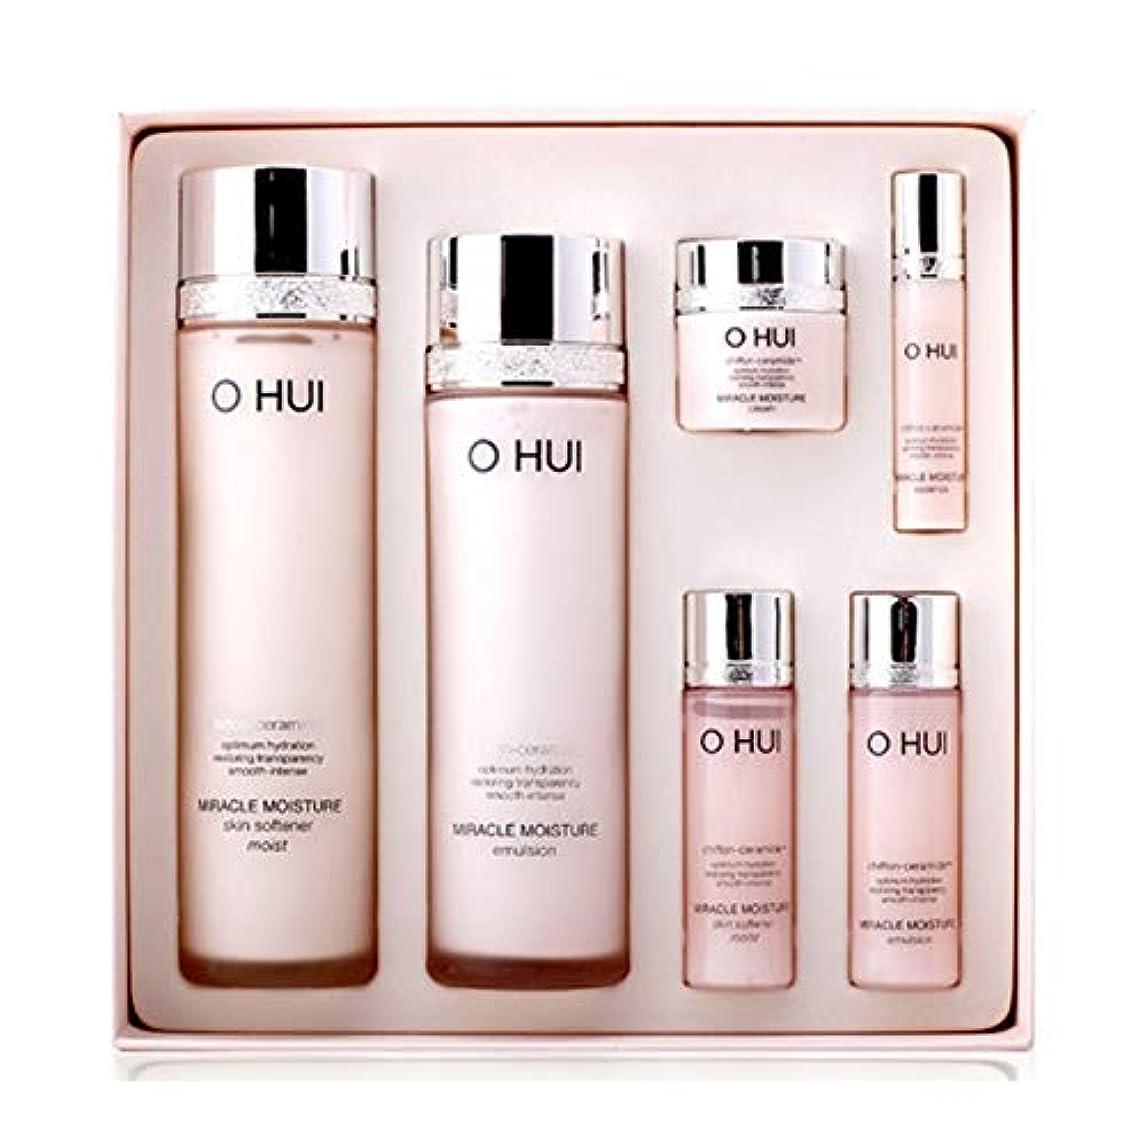 発掘アセンブリ生まれオフィミラクルモイスチャースキンソフナーエマルジョンセット韓国コスメ、O Hui Miracle Moisture Skin Softener Emulsion Set Korean Cosmetics [並行輸入品]